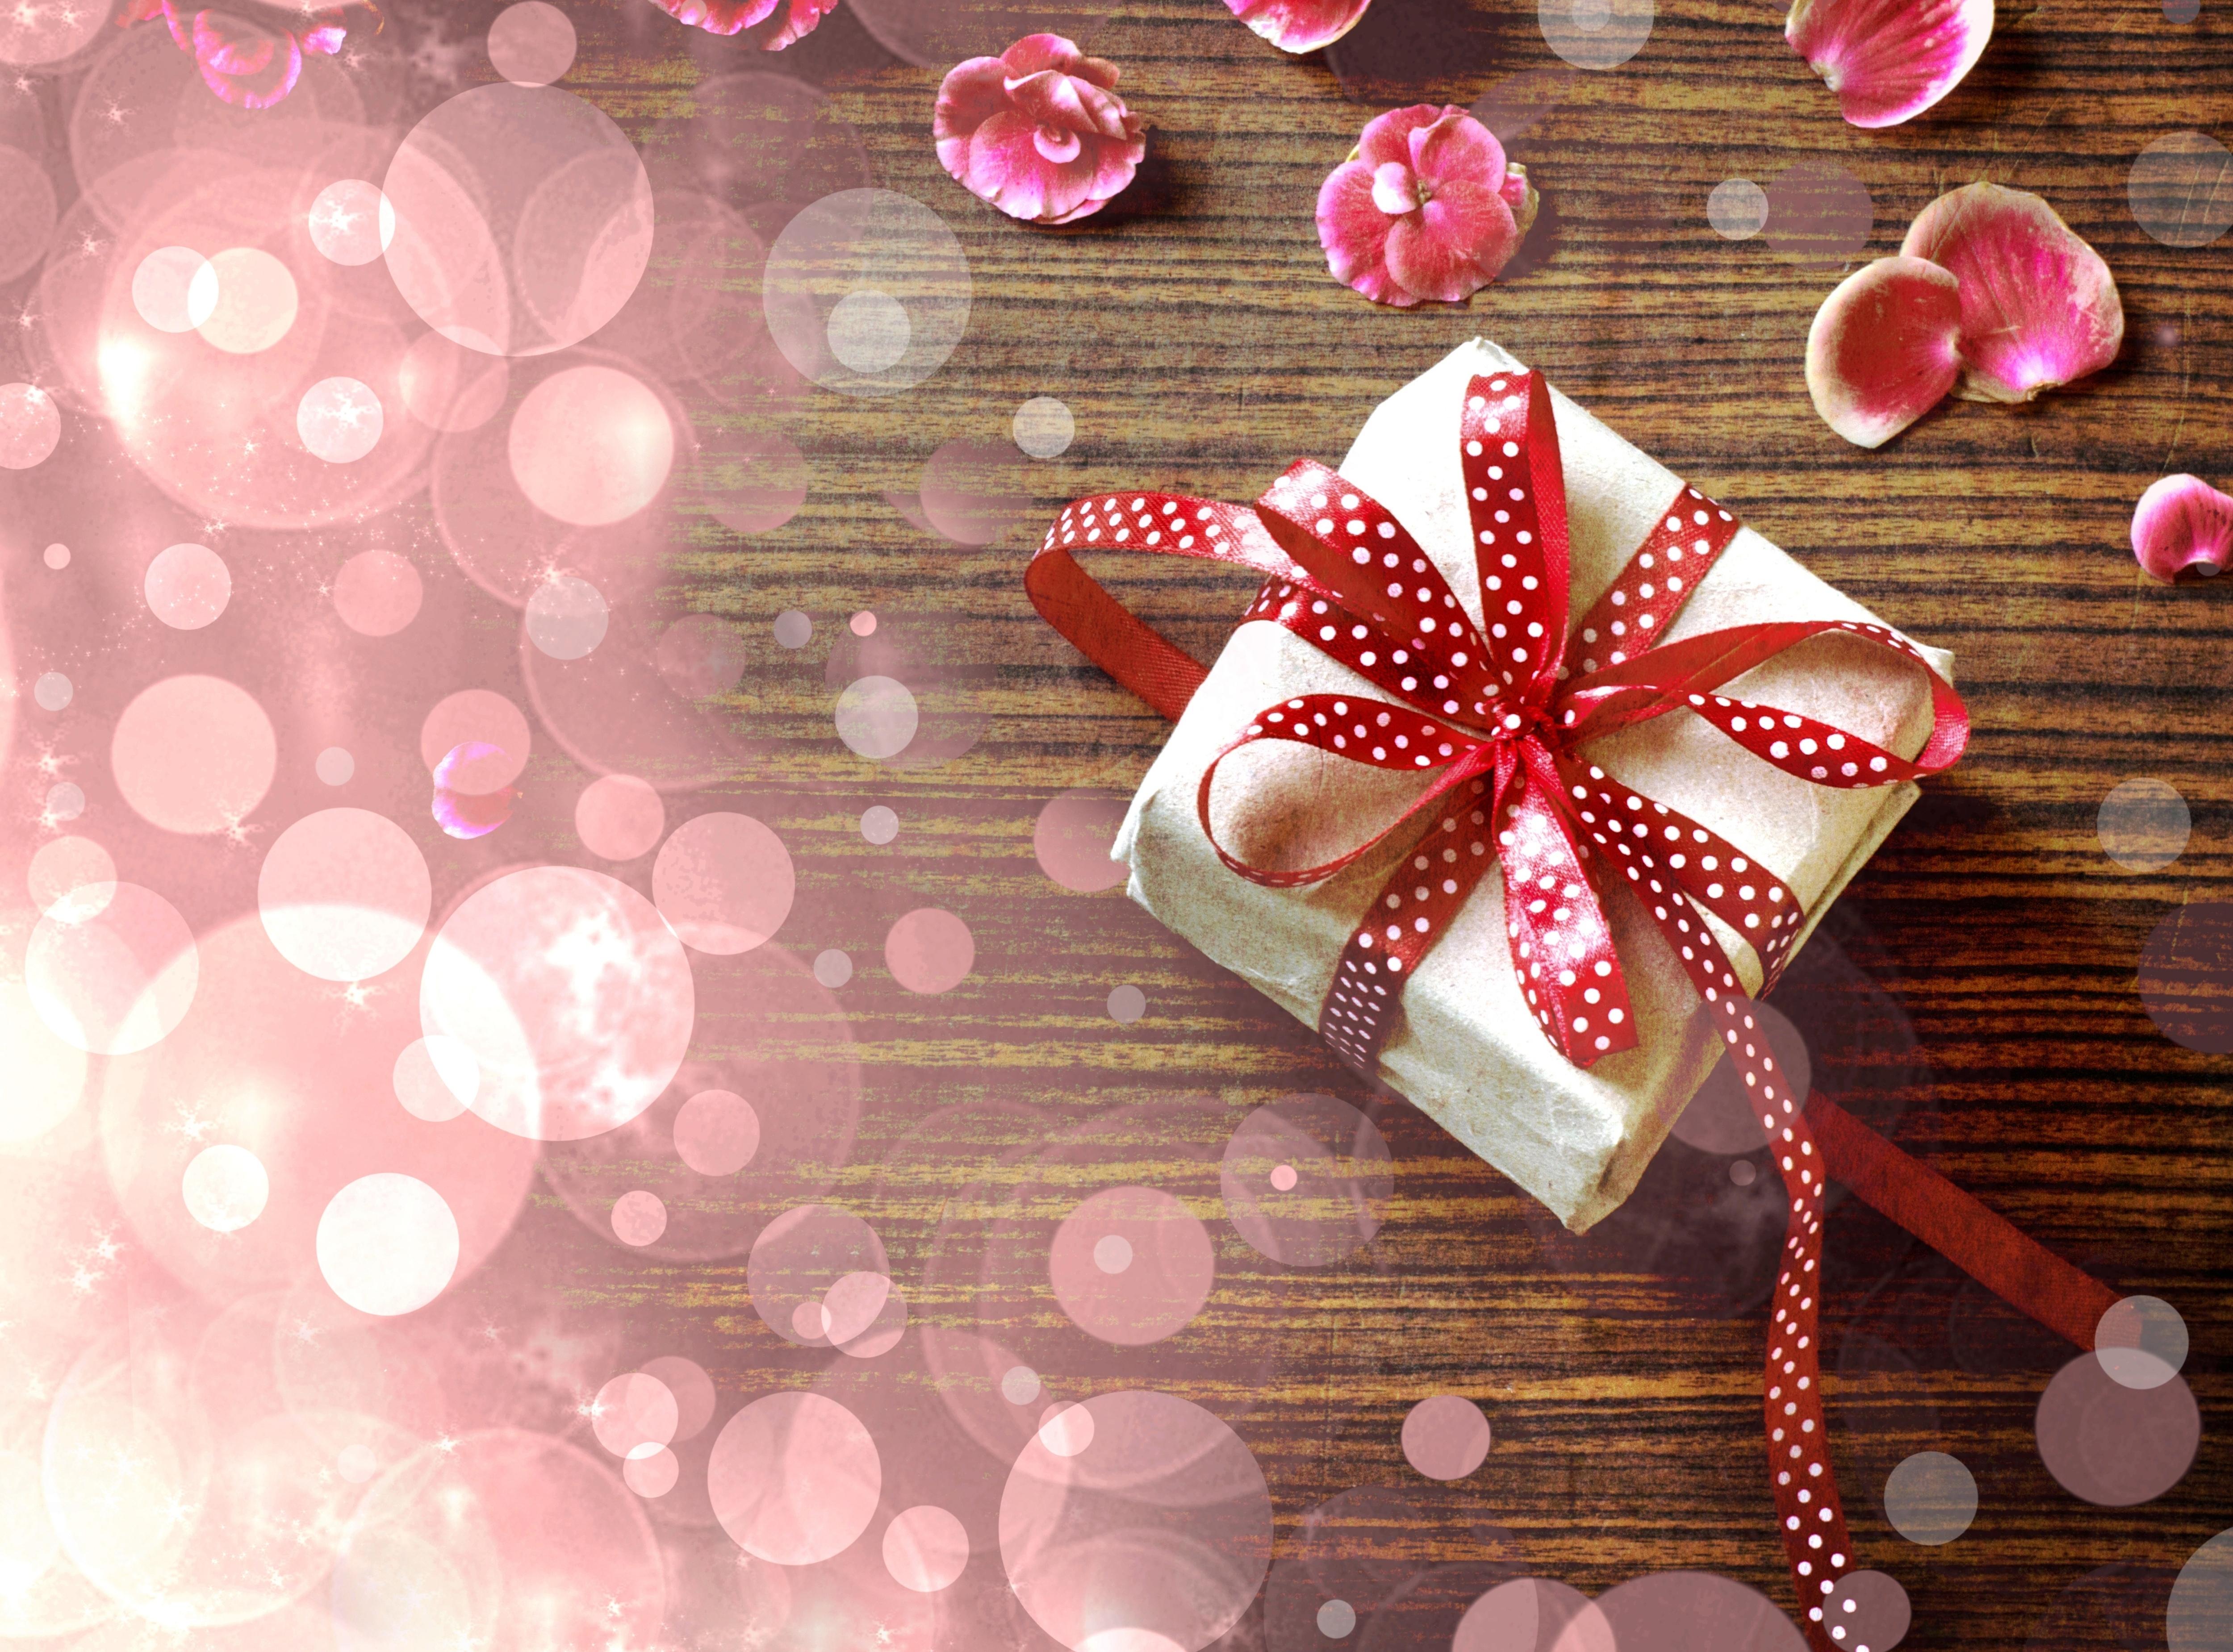 Картинки новогодние с днем рождения, прикольной мыши прикольные